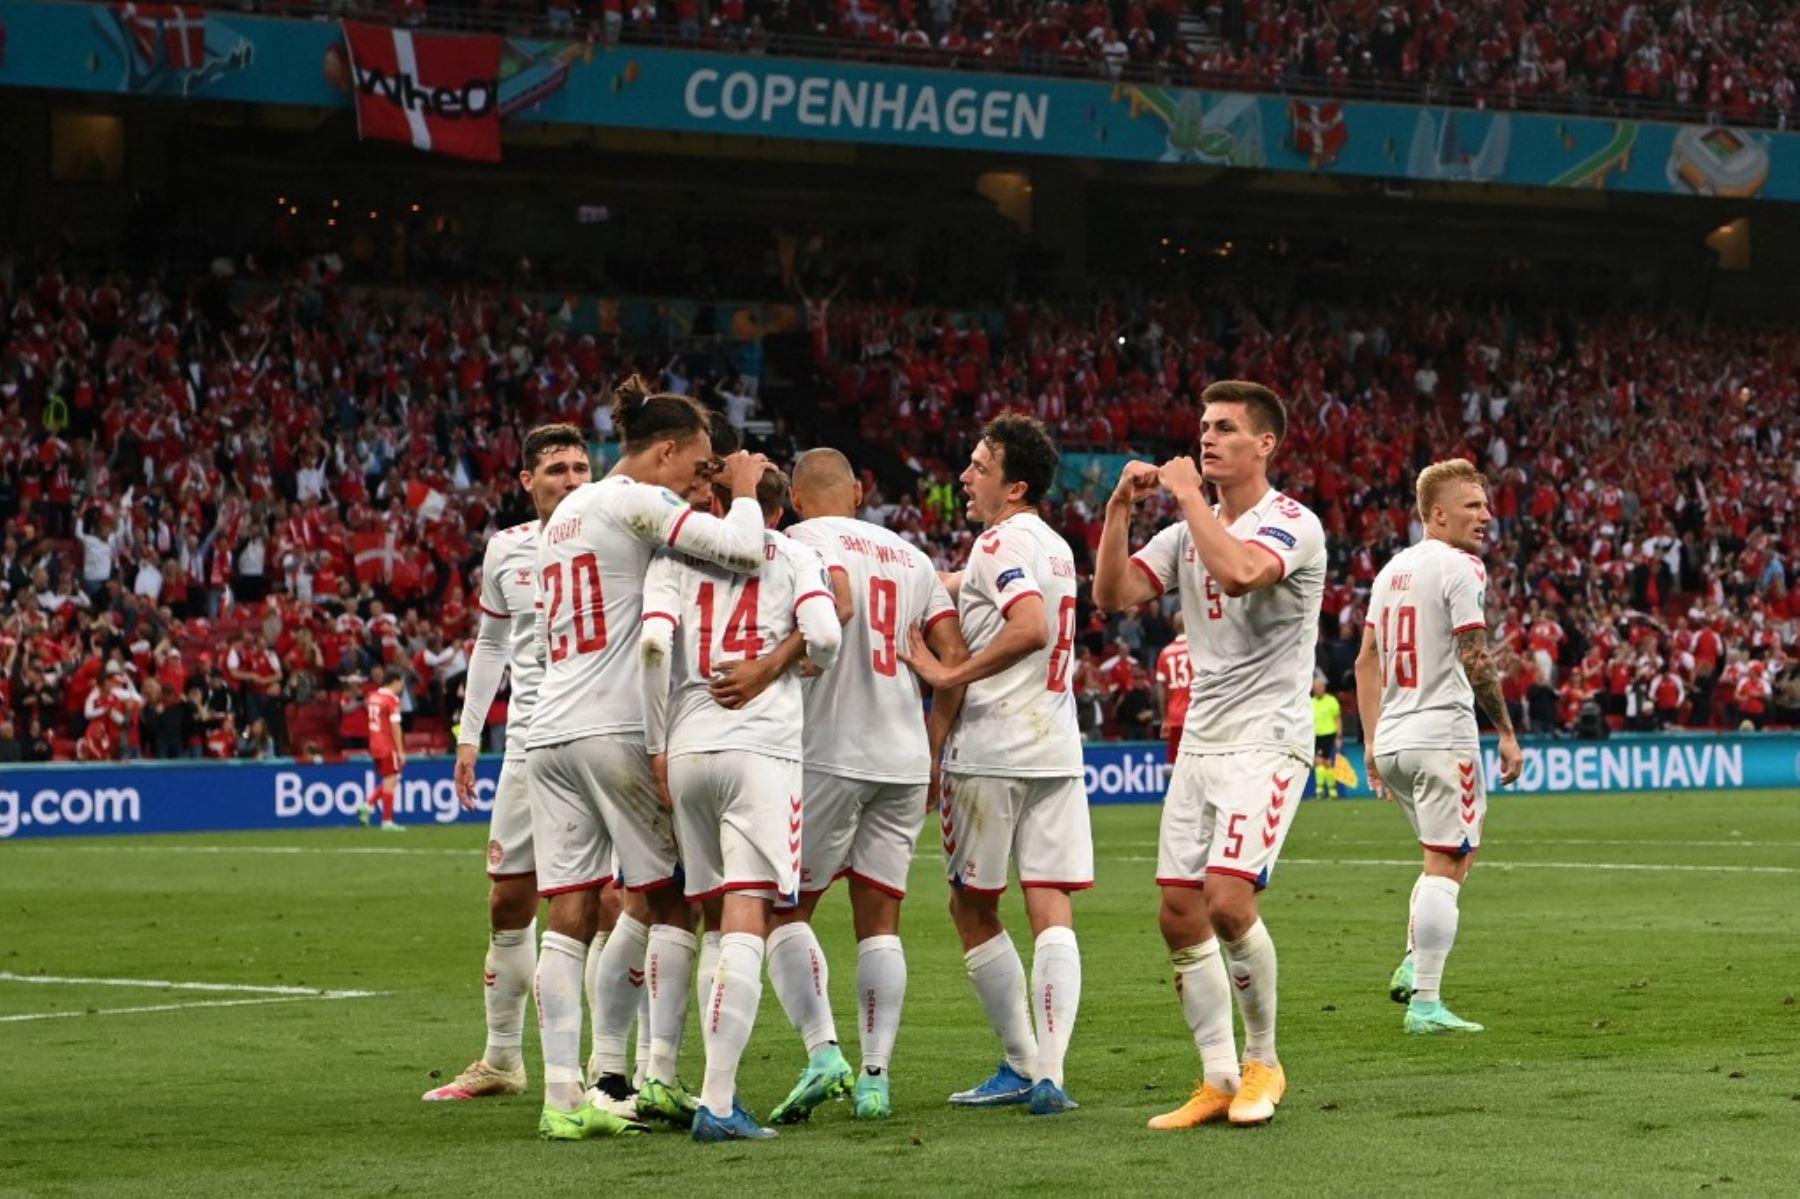 El delantero danés Mikkel Damsgaard (C) celebra con sus compañeros de equipo tras anotar el primer gol de su equipo durante el partido de fútbol del Grupo B de la UEFA EURO 2020 entre Rusia y Dinamarca en el estadio Parken de Copenhague el 21 de junio de 2021. Foto: AFP